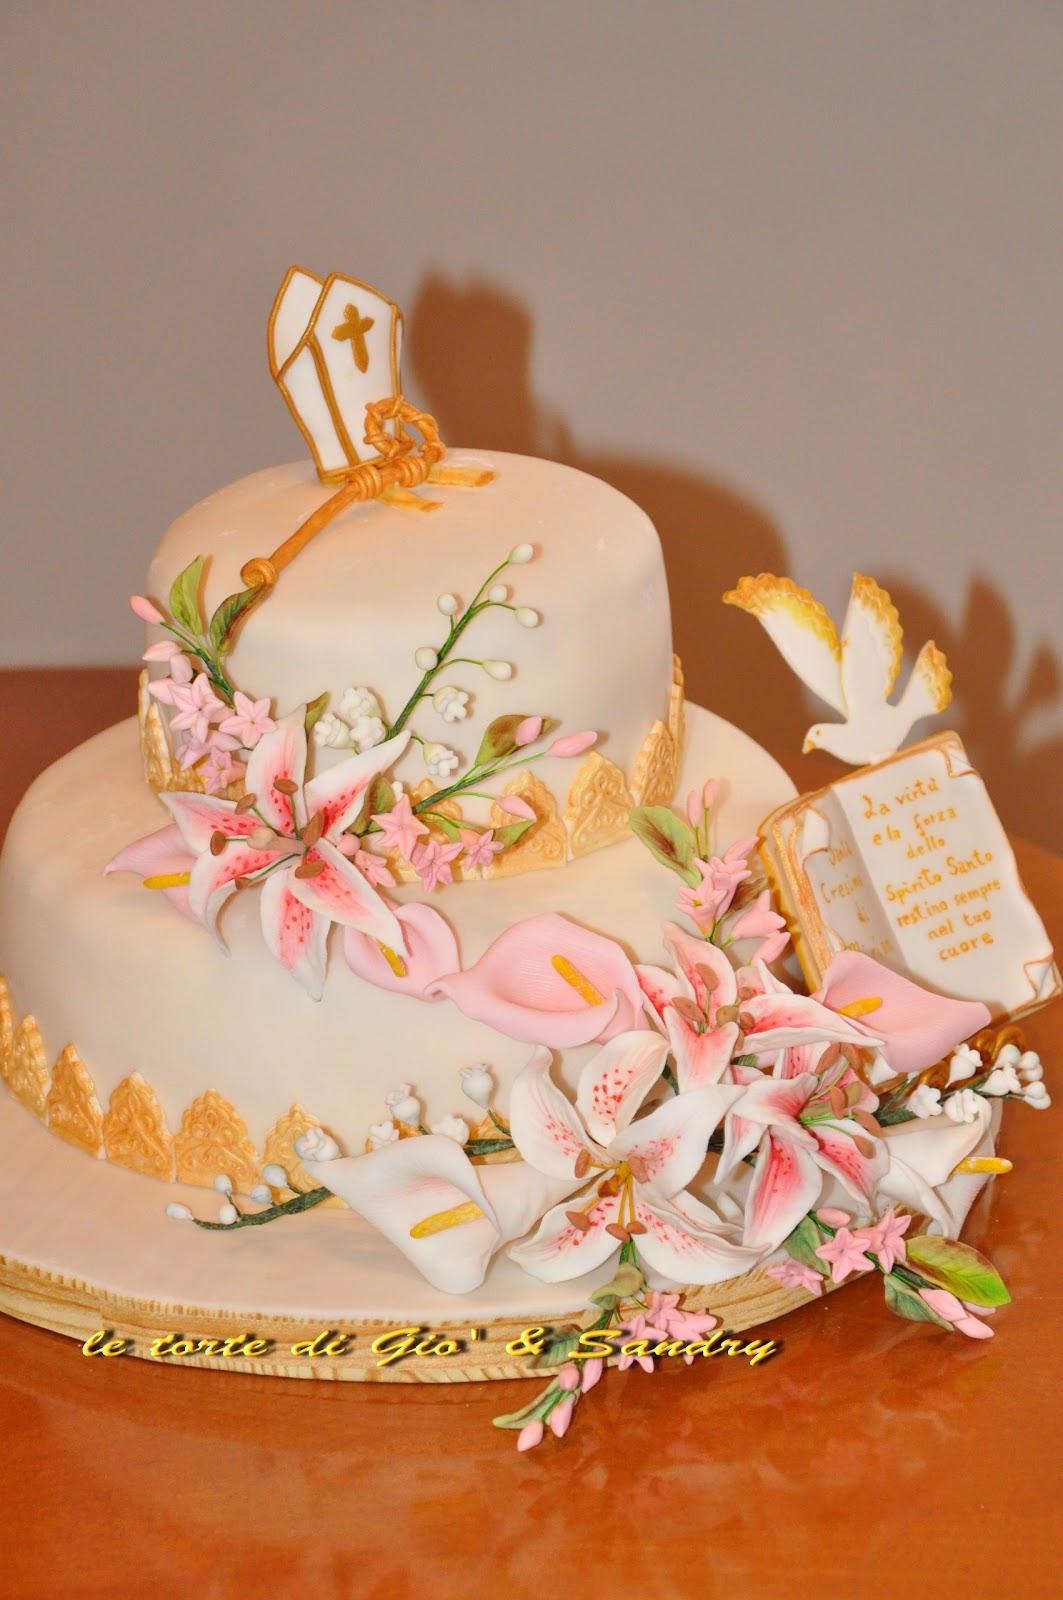 Finest tutte le decorazioni della torta fiori e simboli - Decorazioni per cresima ...